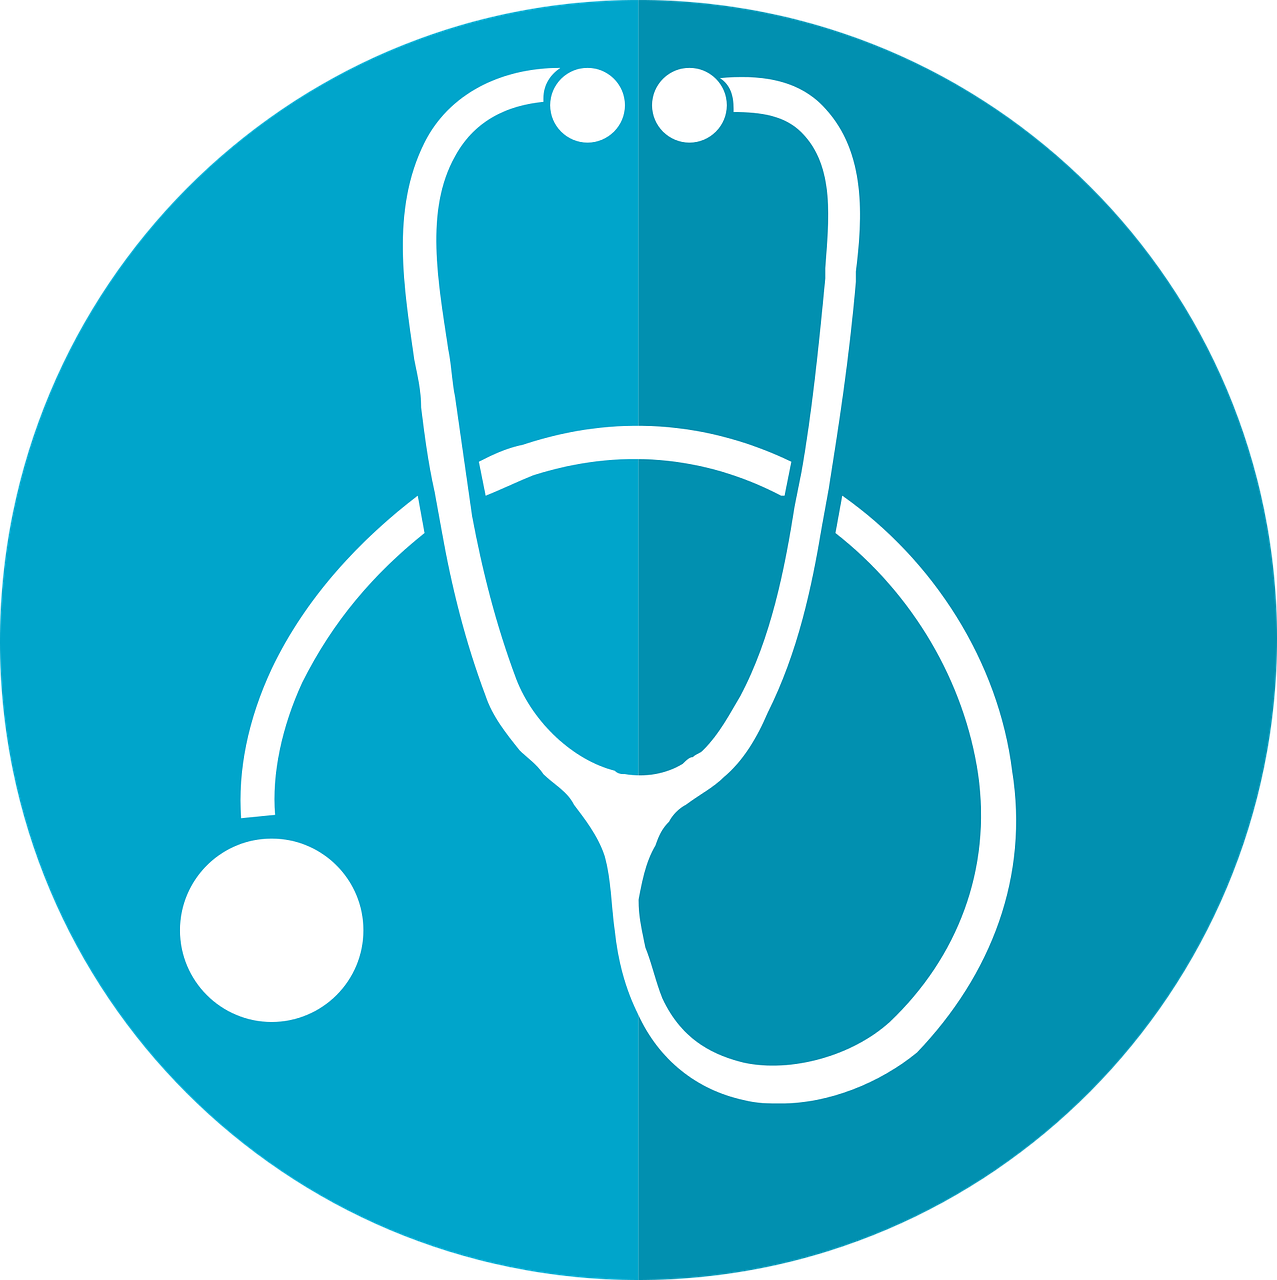 stethoscope icon, stethoscope, icon-2316460.jpg